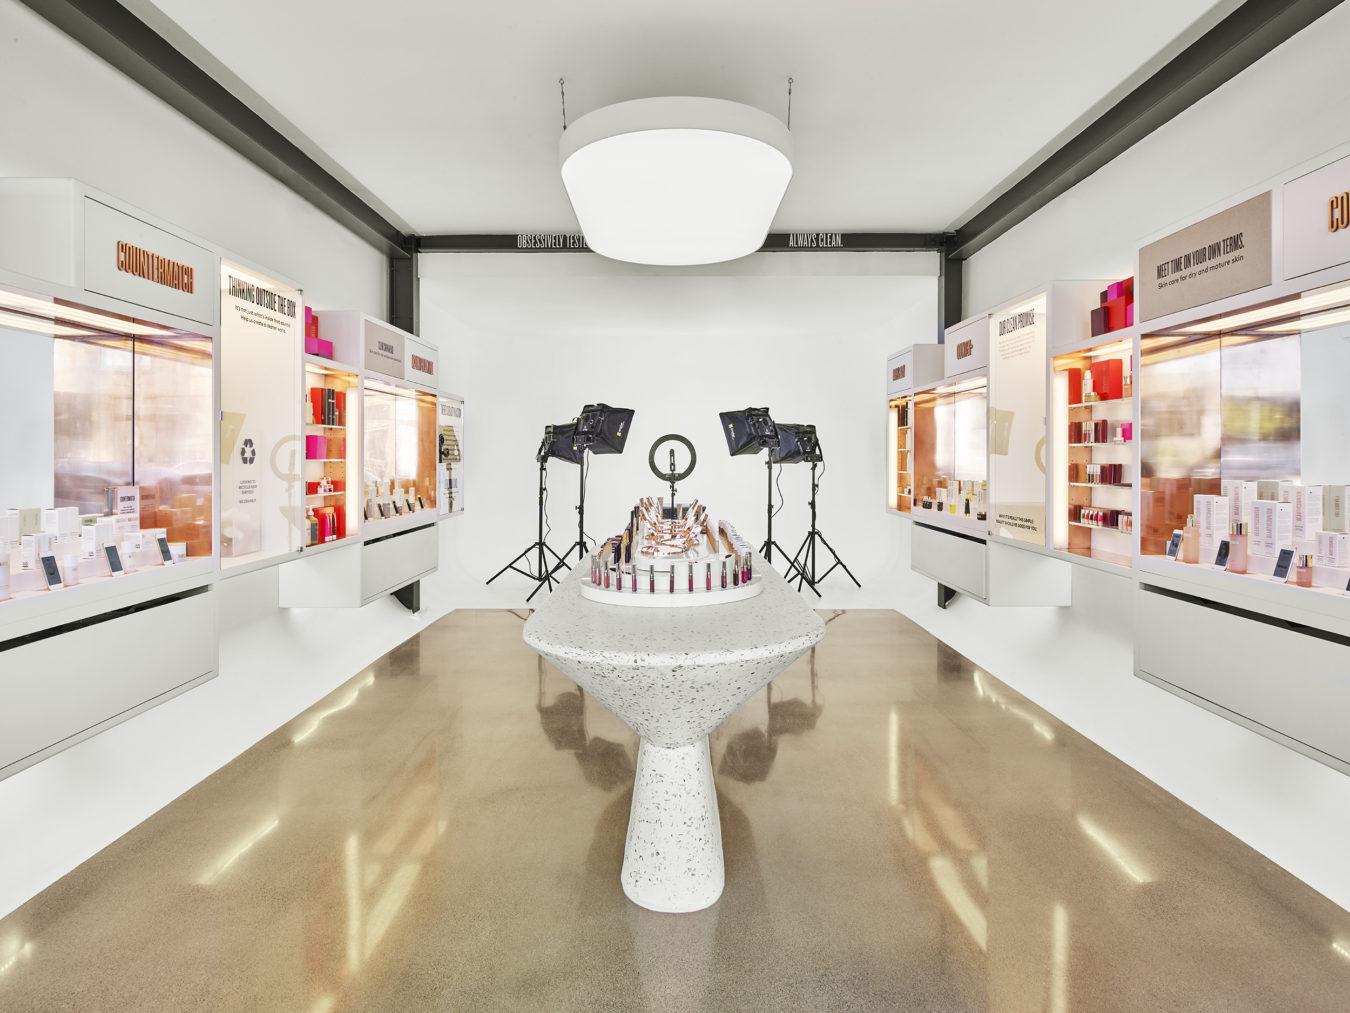 Filming studio inside beauty shop